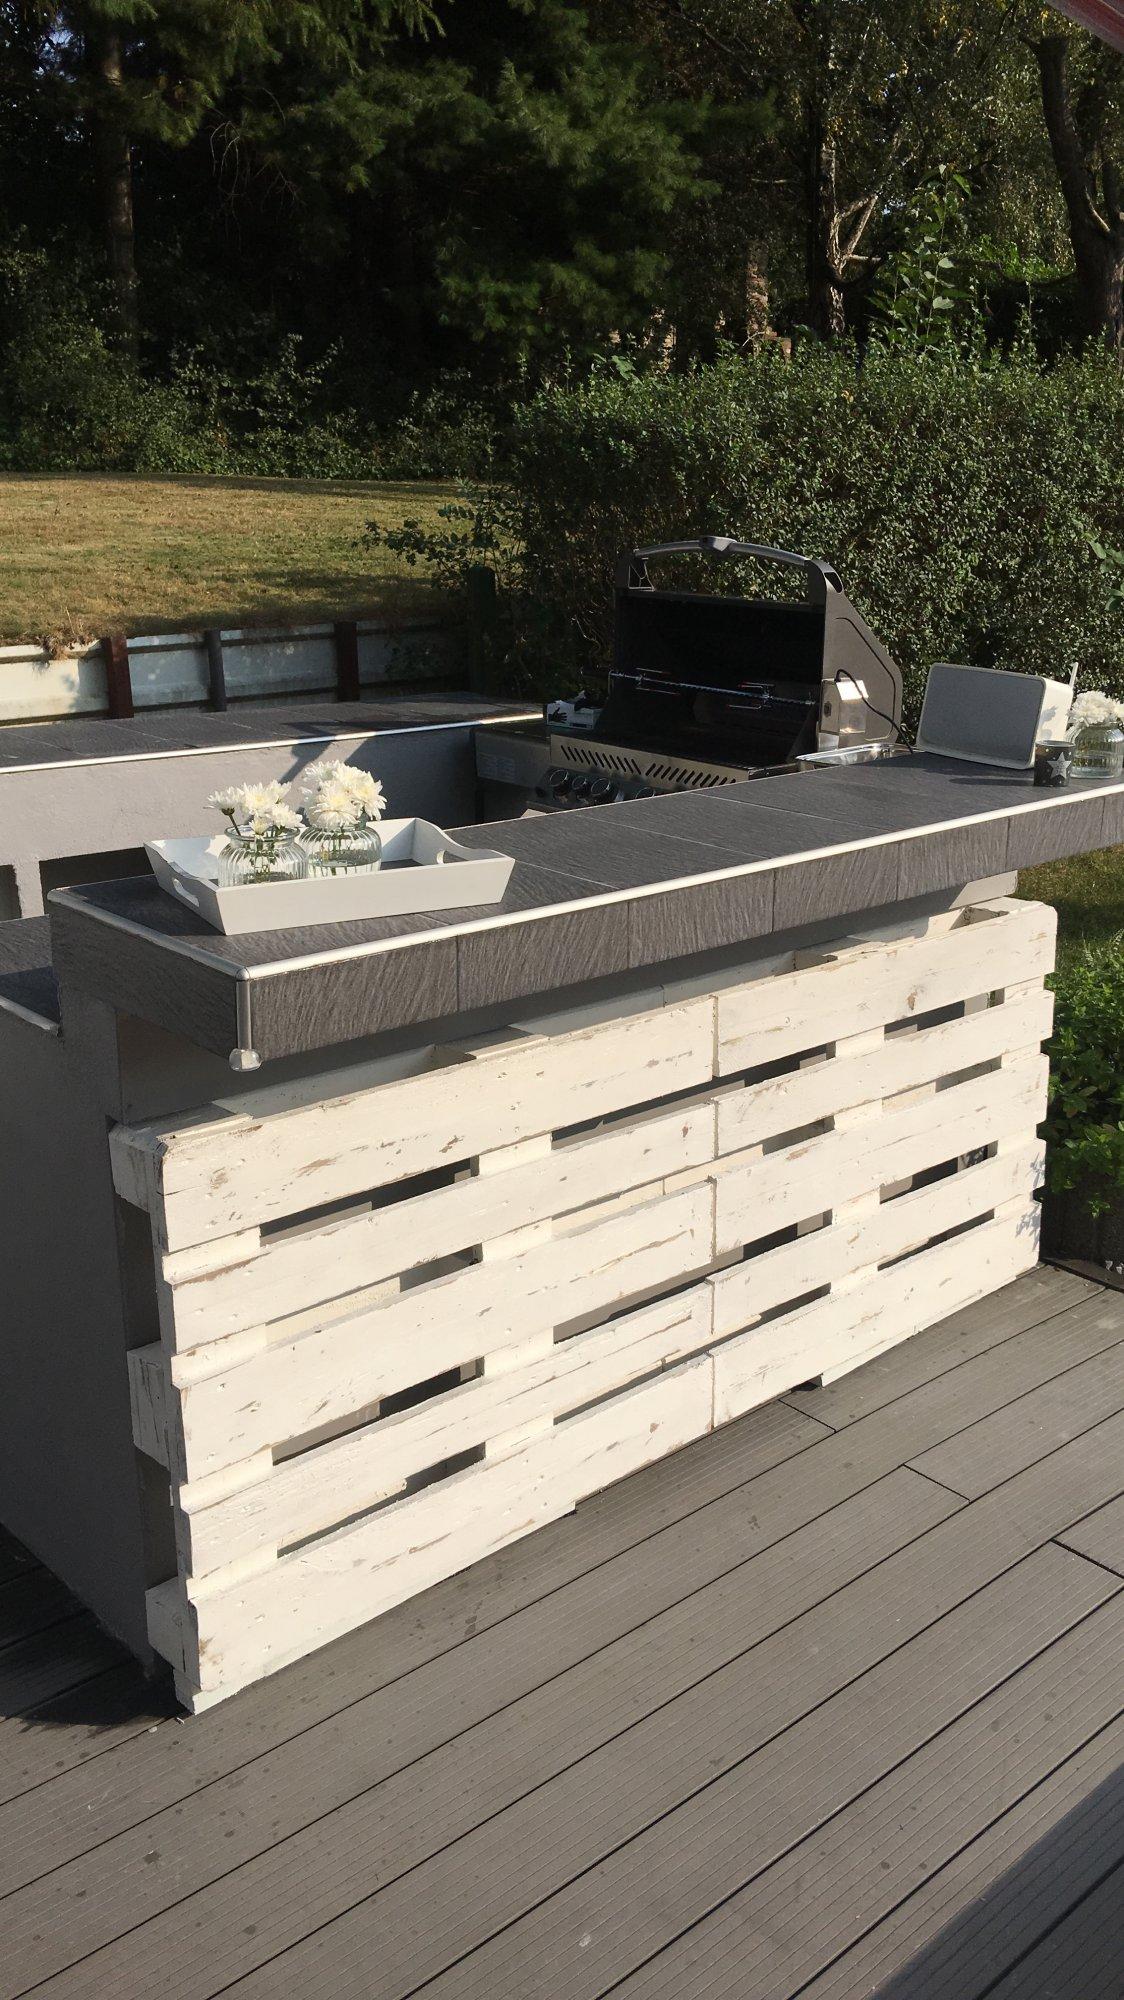 tipps anregungen zu outdoork che auf holz st nderwerk erbeten seite 3 grillforum und bbq. Black Bedroom Furniture Sets. Home Design Ideas